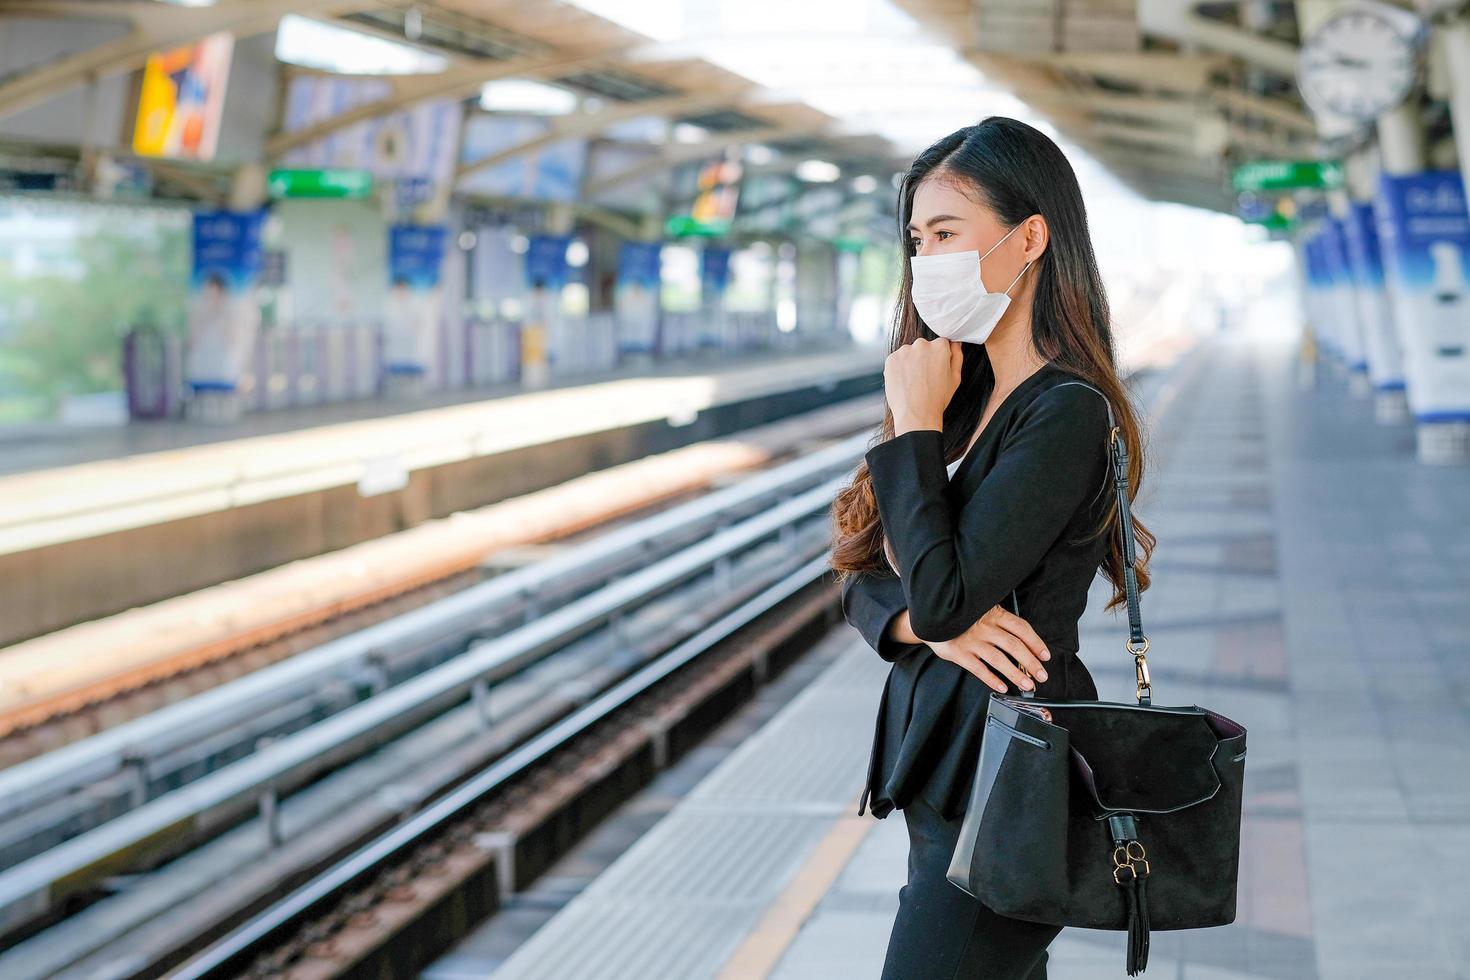 giovane donna in attesa di un treno foto